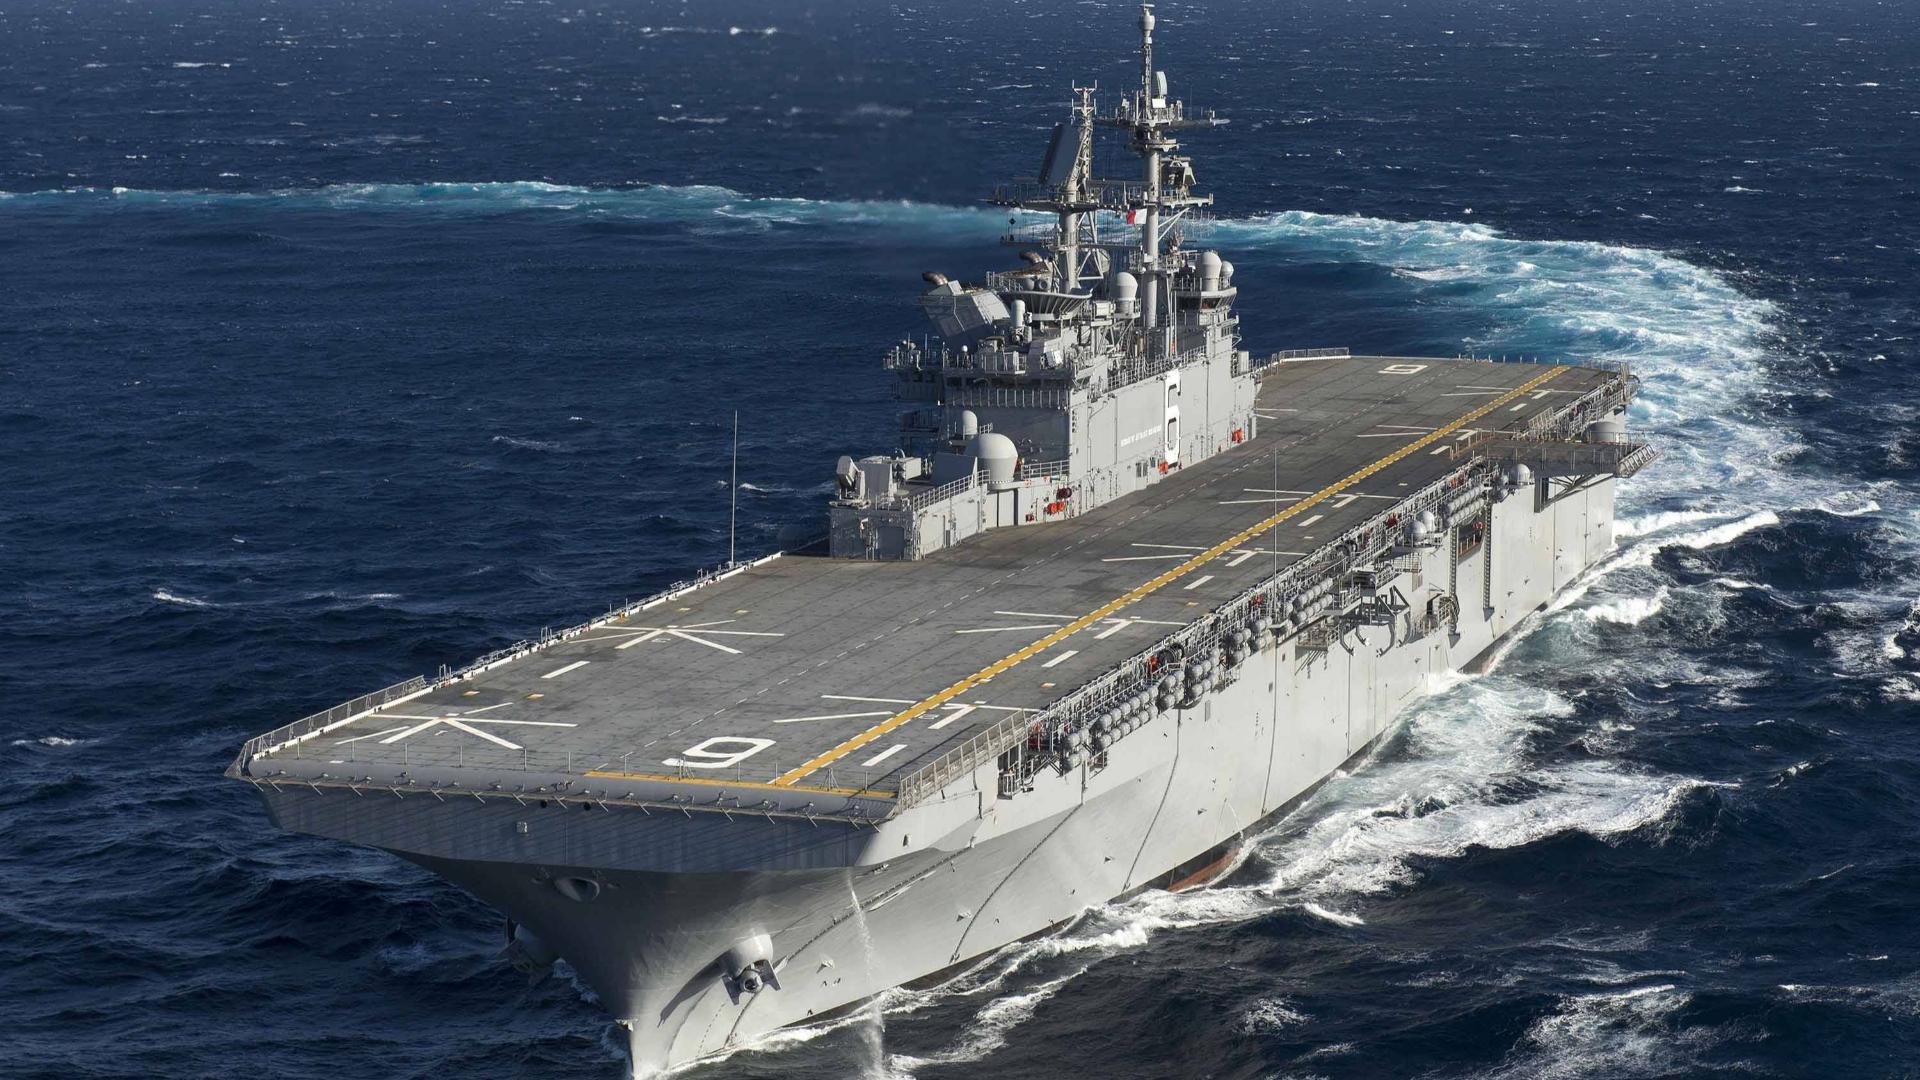 """美国在日本又部署一艘""""航母""""?世界最强两栖攻击舰威胁有多大?"""